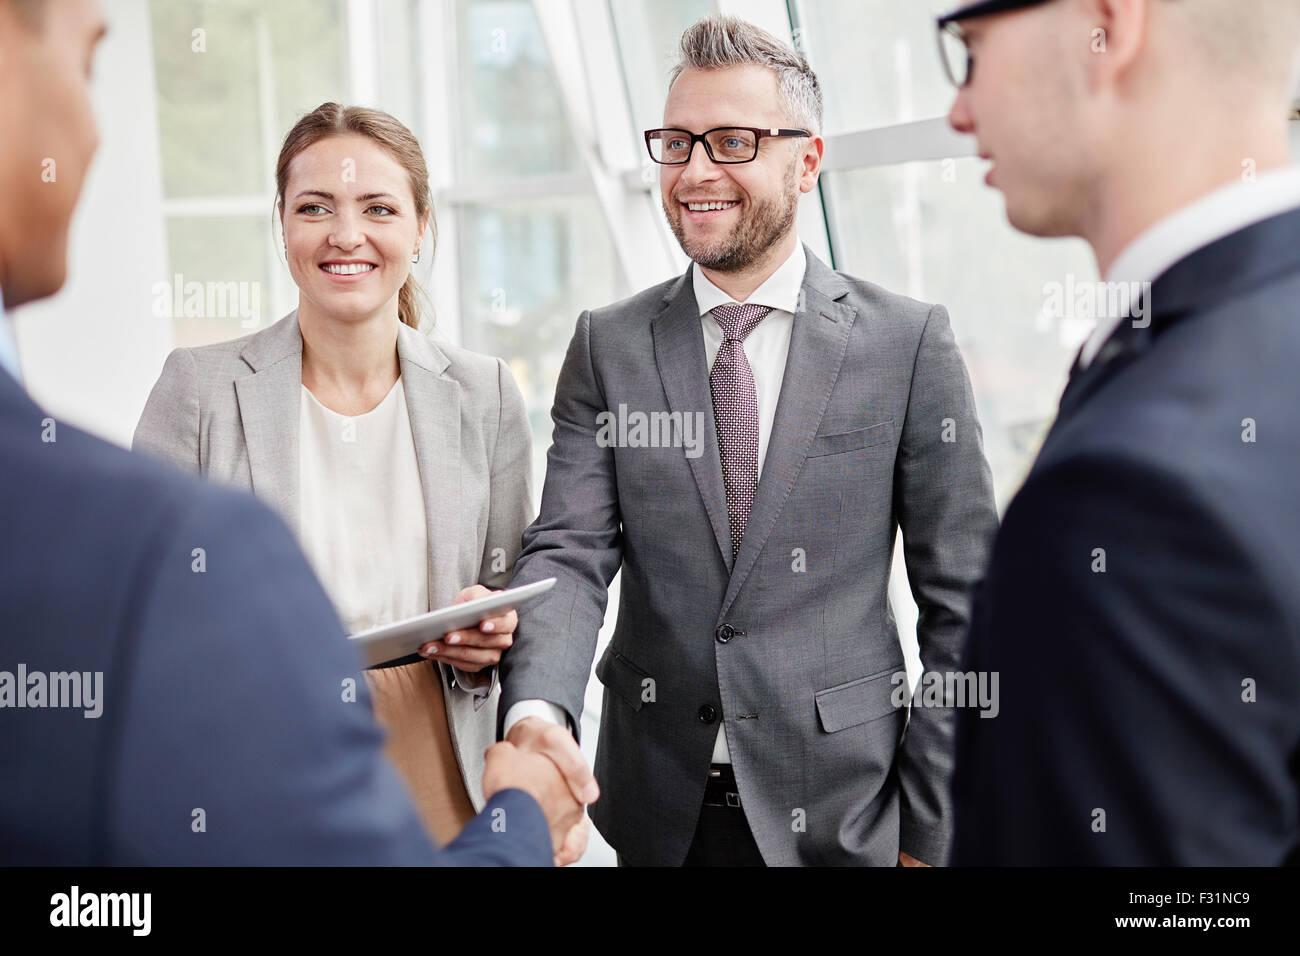 Felice colleghi guardando il loro business partner mentre lui saluto Immagini Stock